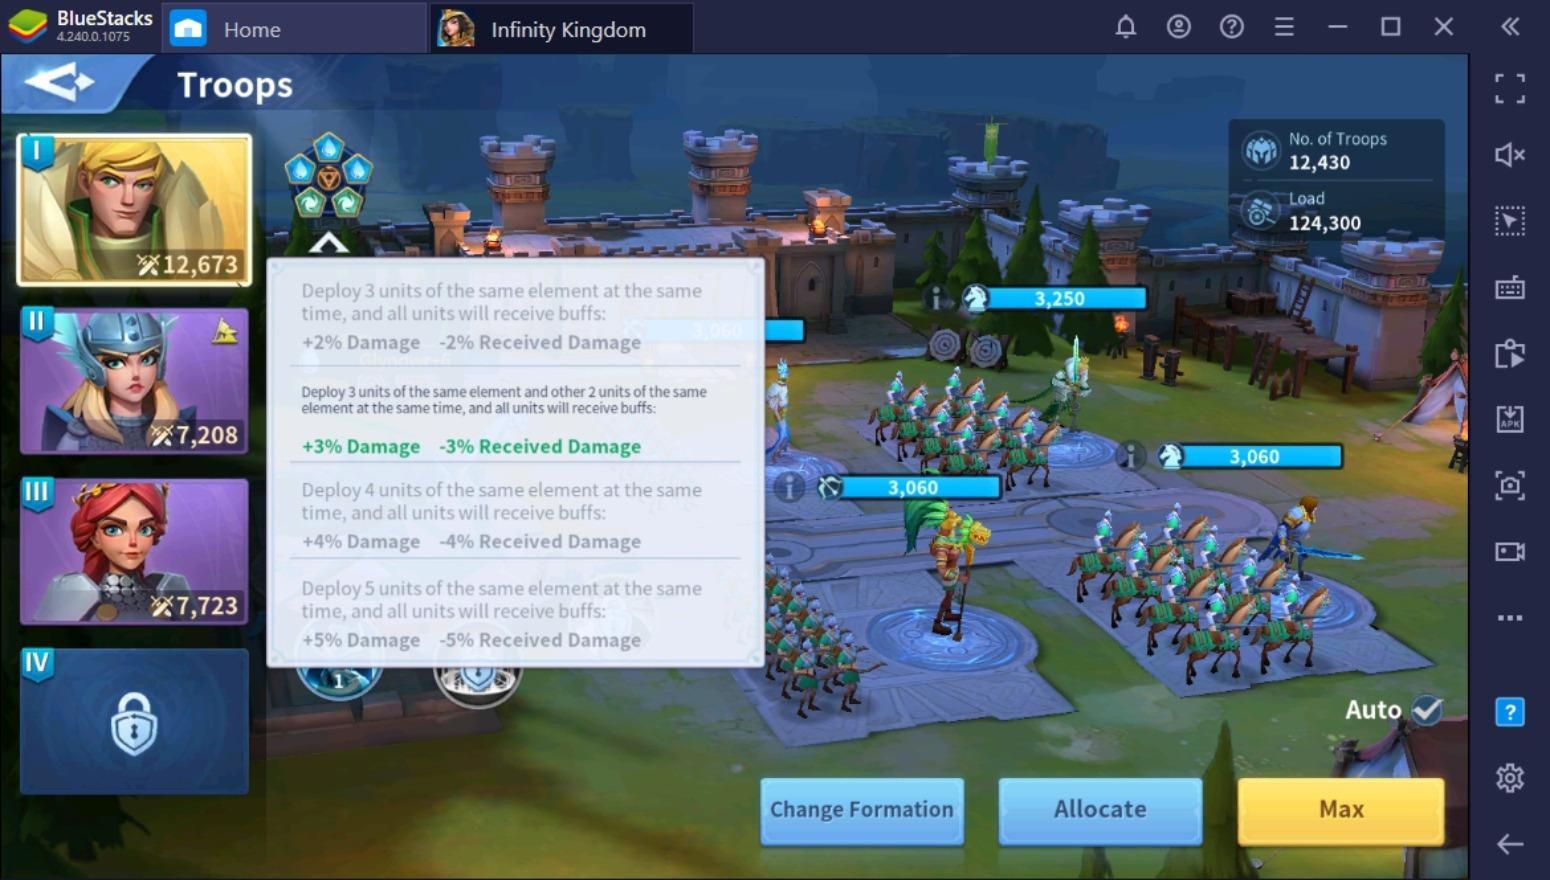 إنشاء أقوى جيش في لعبة Infinity Kingdom على جهاز الكمبيوتر